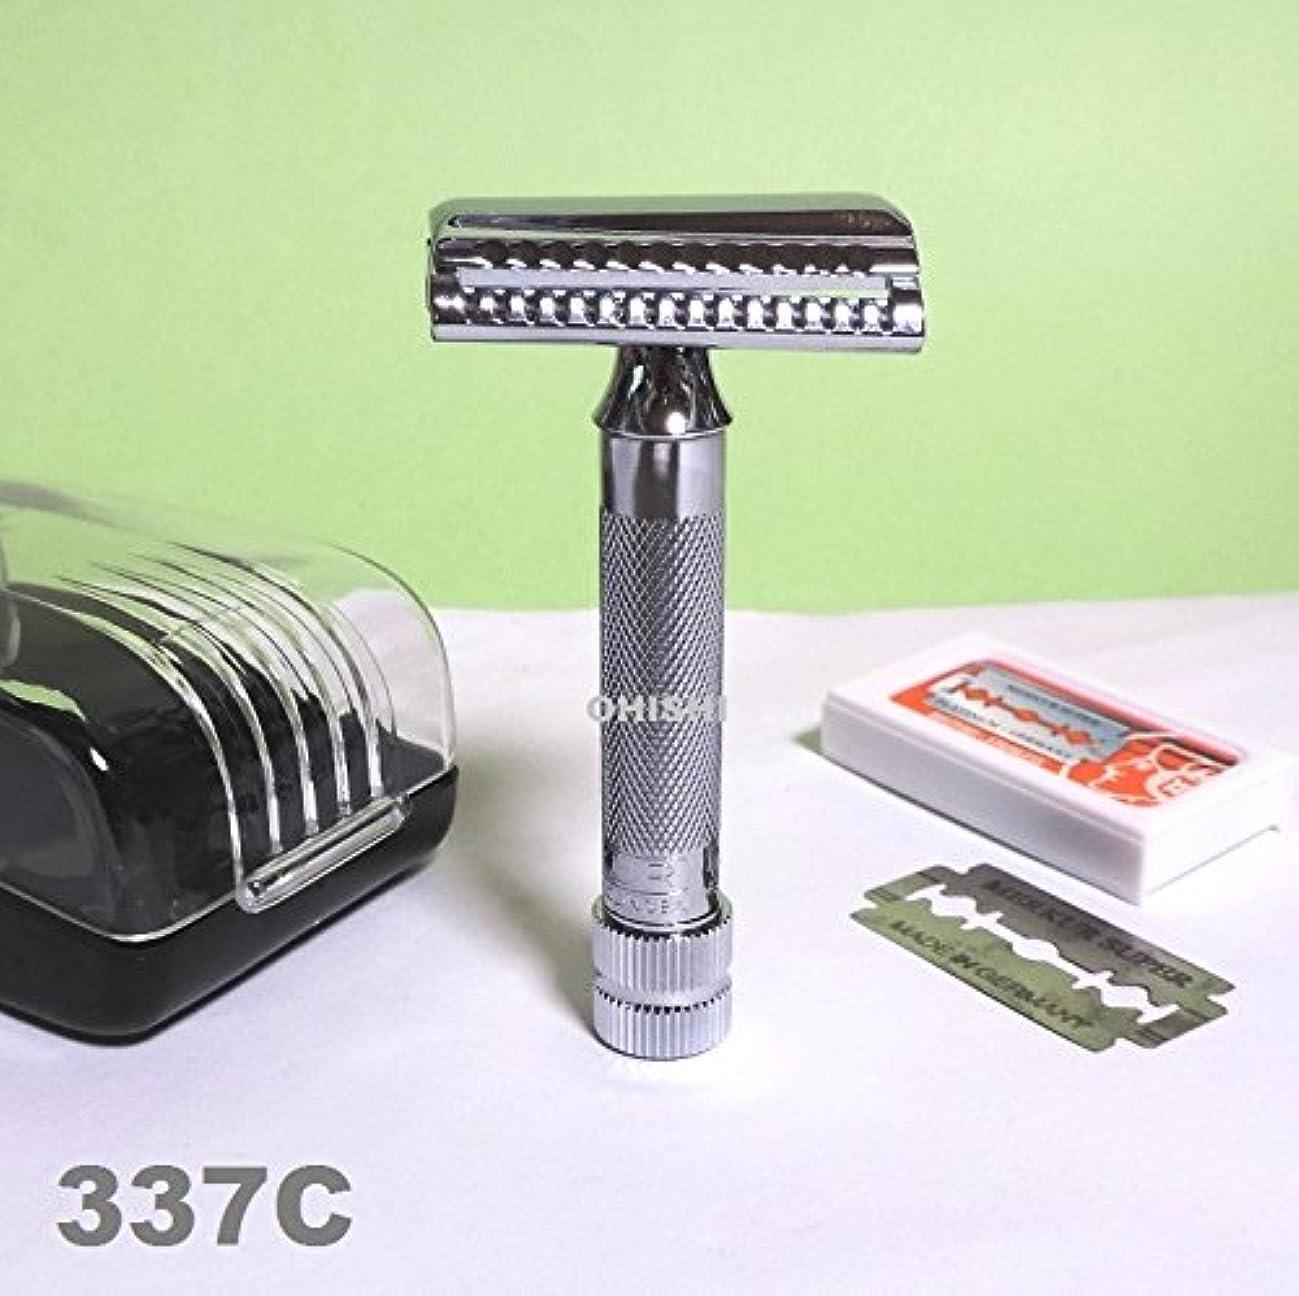 エッセンス精算スマッシュメルクールMERKUR(独)髭剃り(ひげそり)両刃ホルダー ツイストヘッド337C (替刃11枚付)プラケース入